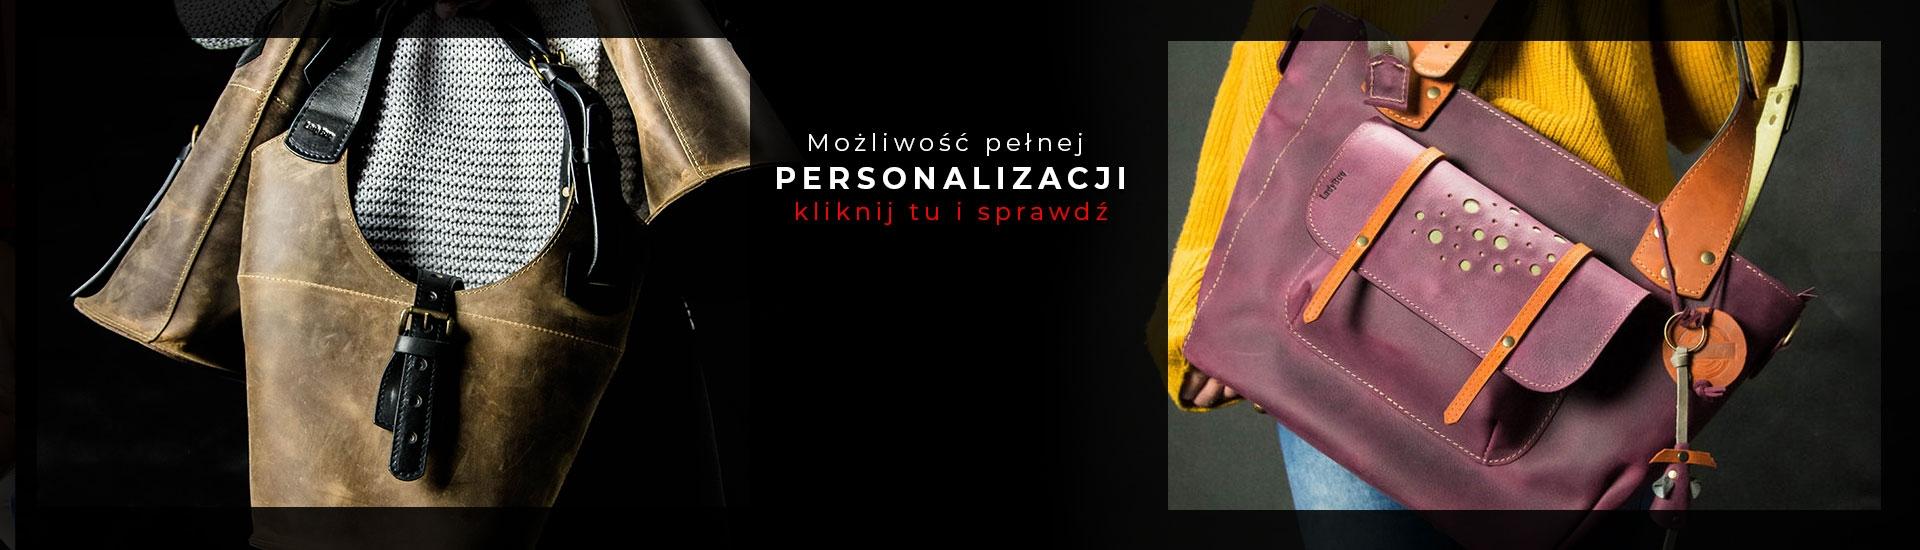 Obalamy mit, że nie ma czegoś takiego jak idealna torebka! Dzięki naszym opcjom personalizacji już teraz możesz zamówić torbę, która w 100% będzie spełniać Twoje oczekiwania!